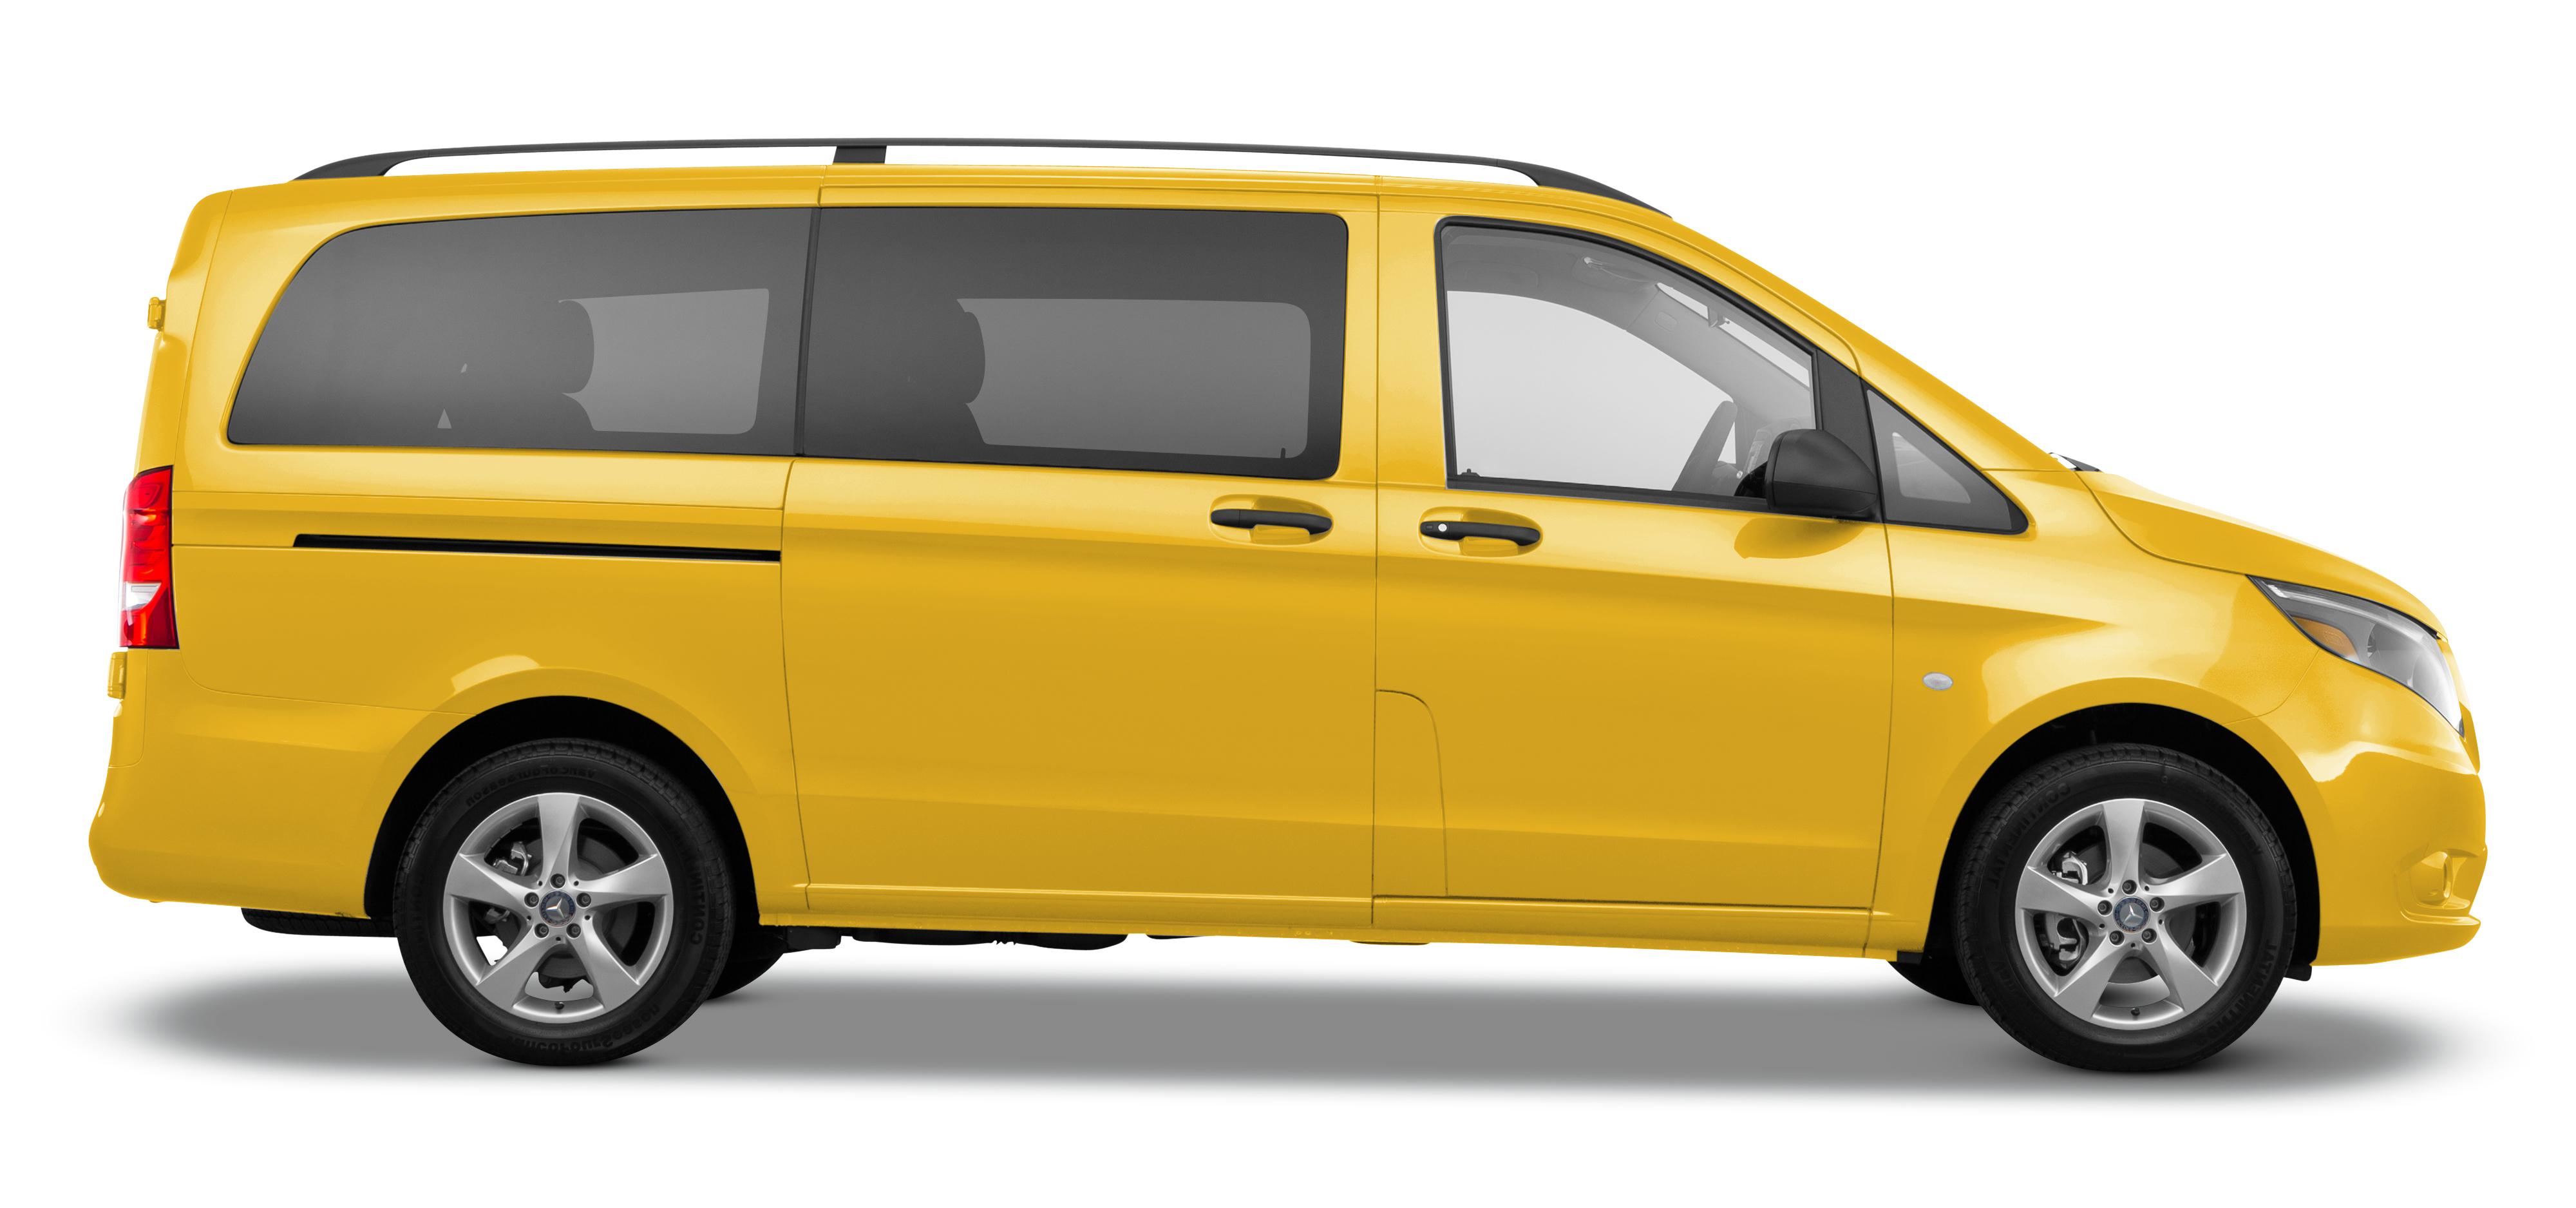 картинка минивэн такси помощью щипцов